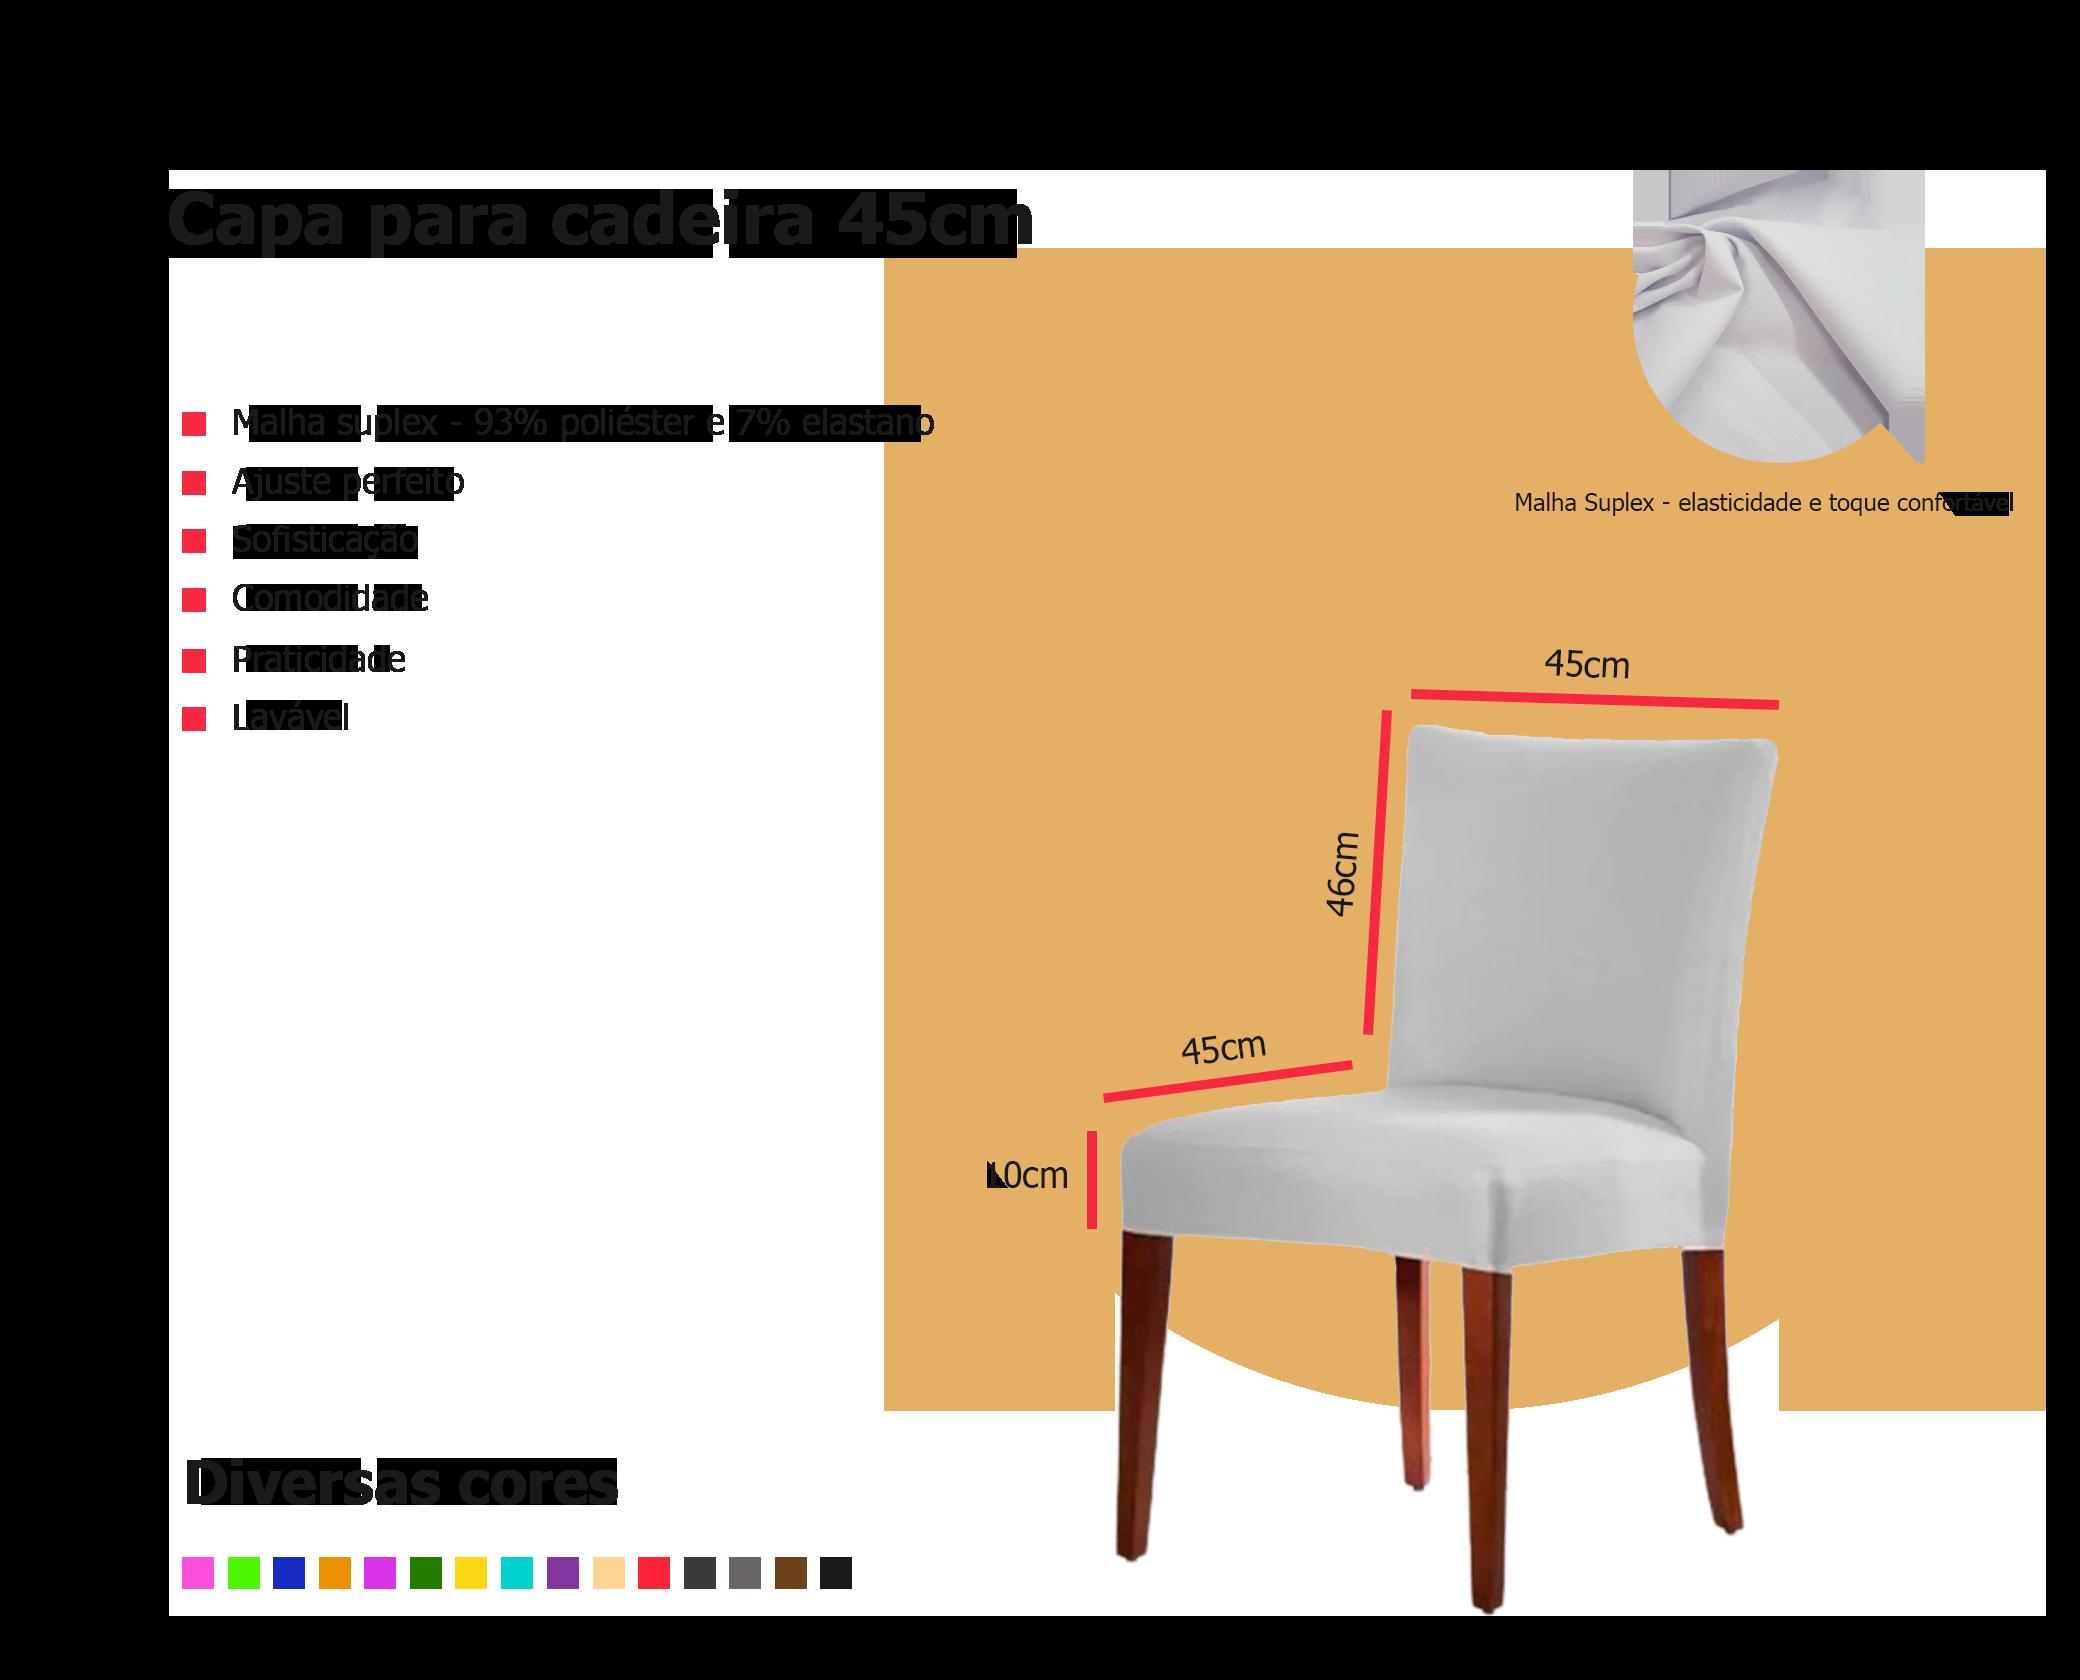 Banner descritivo de capa de cadeira